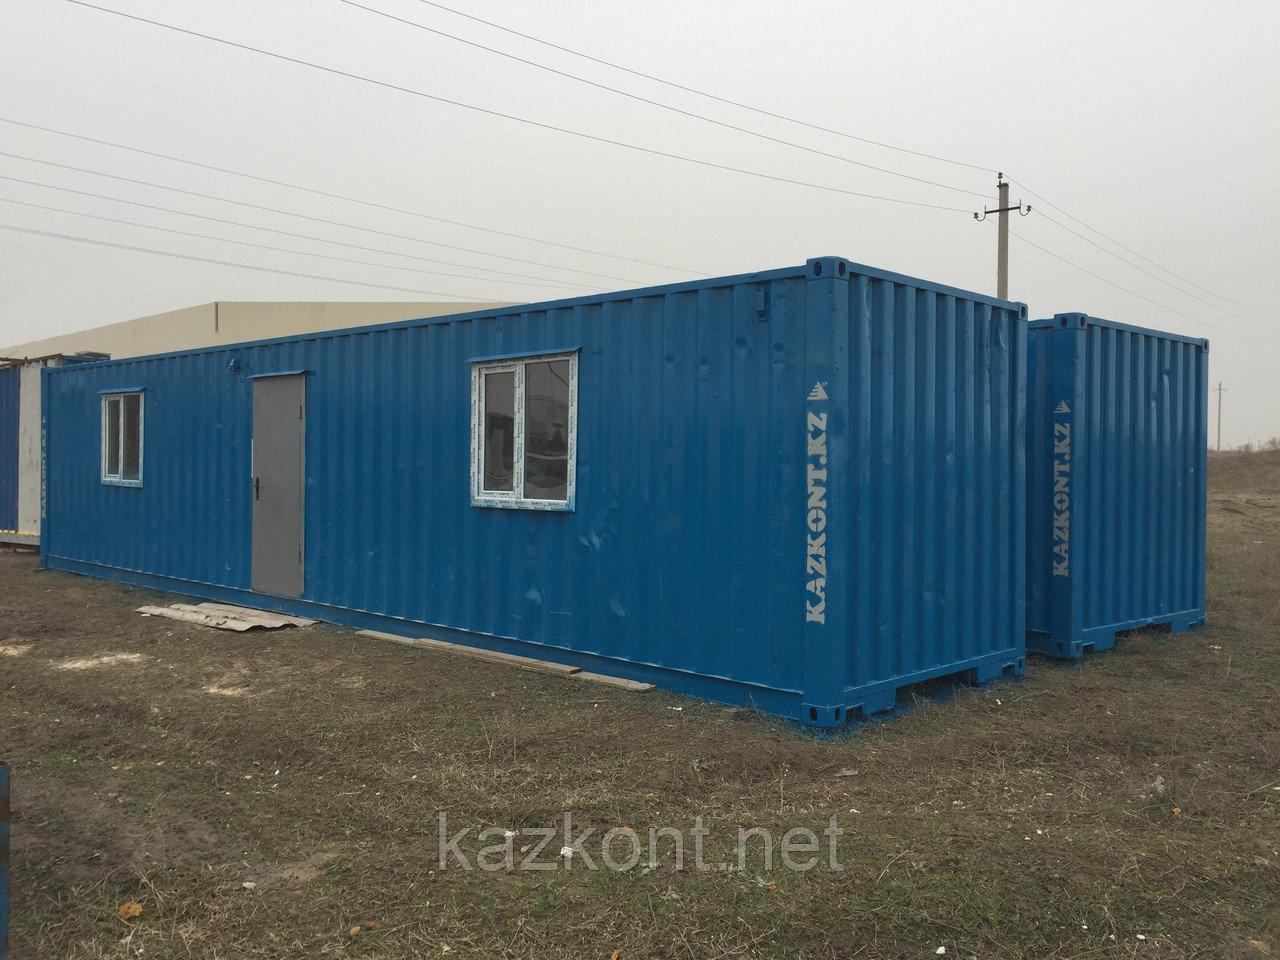 Утепленный контейнер, под жилье, бытовка, вагончик!